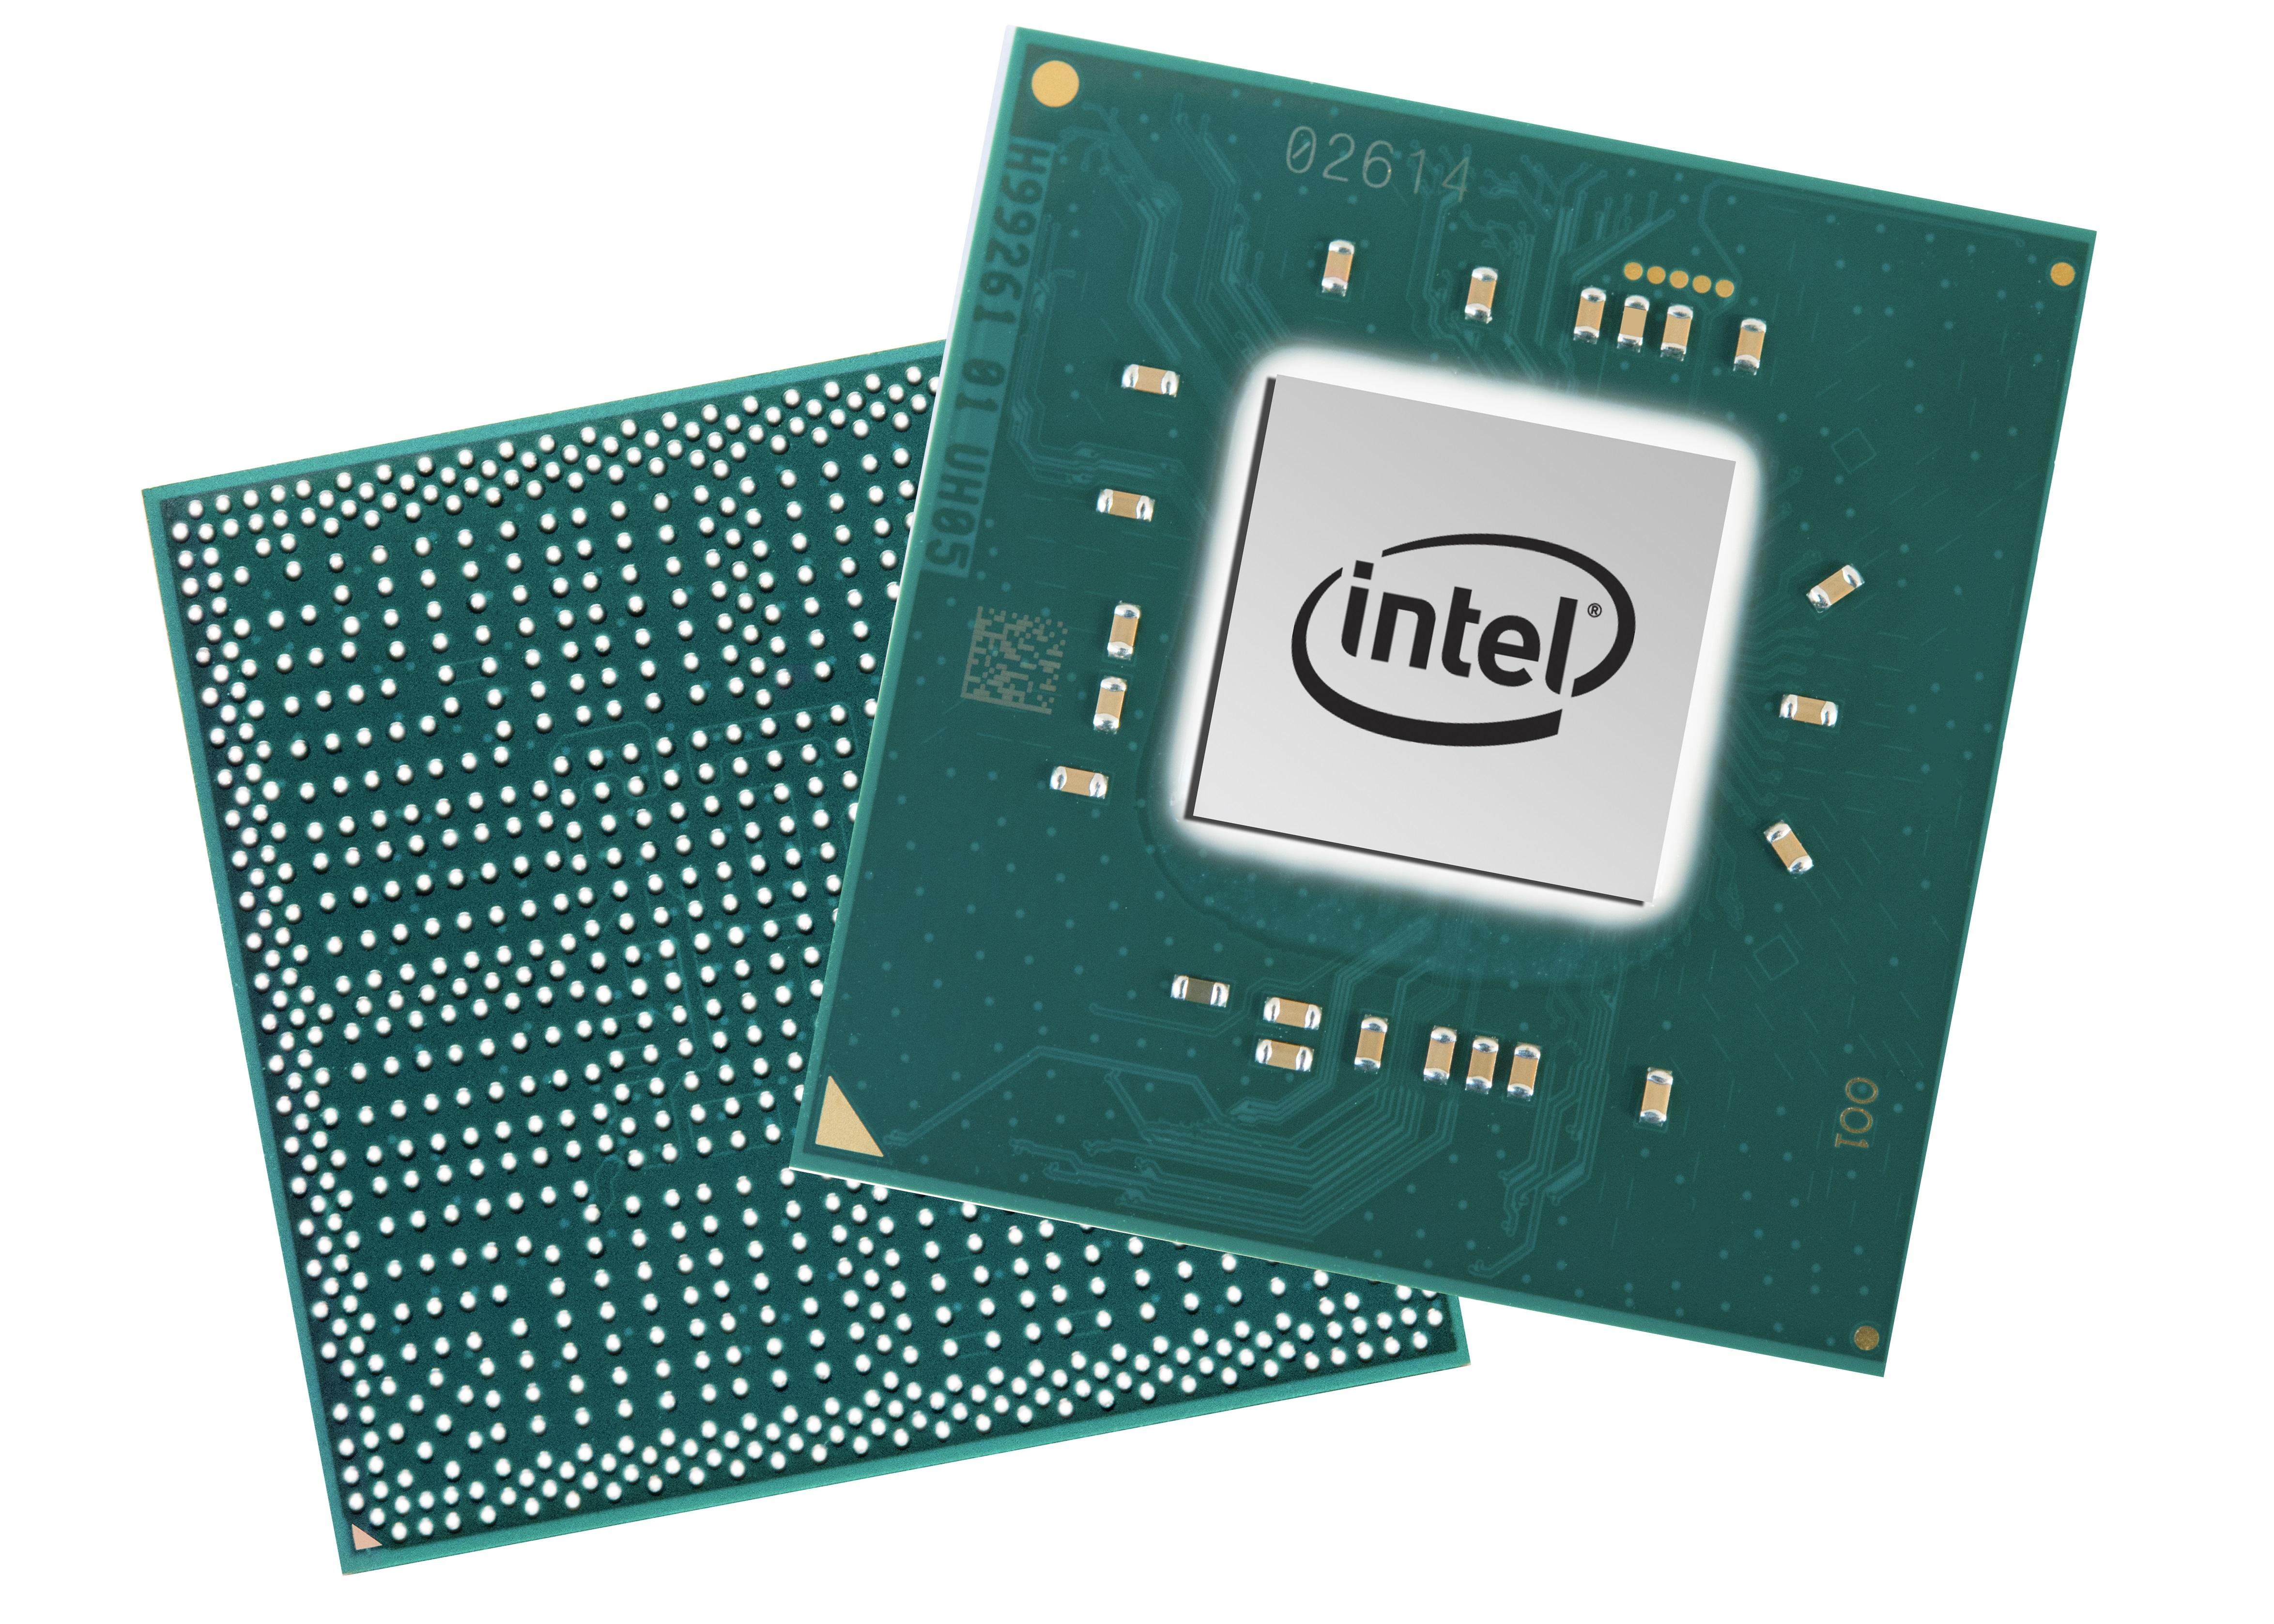 Intel Gemini Lake chips.